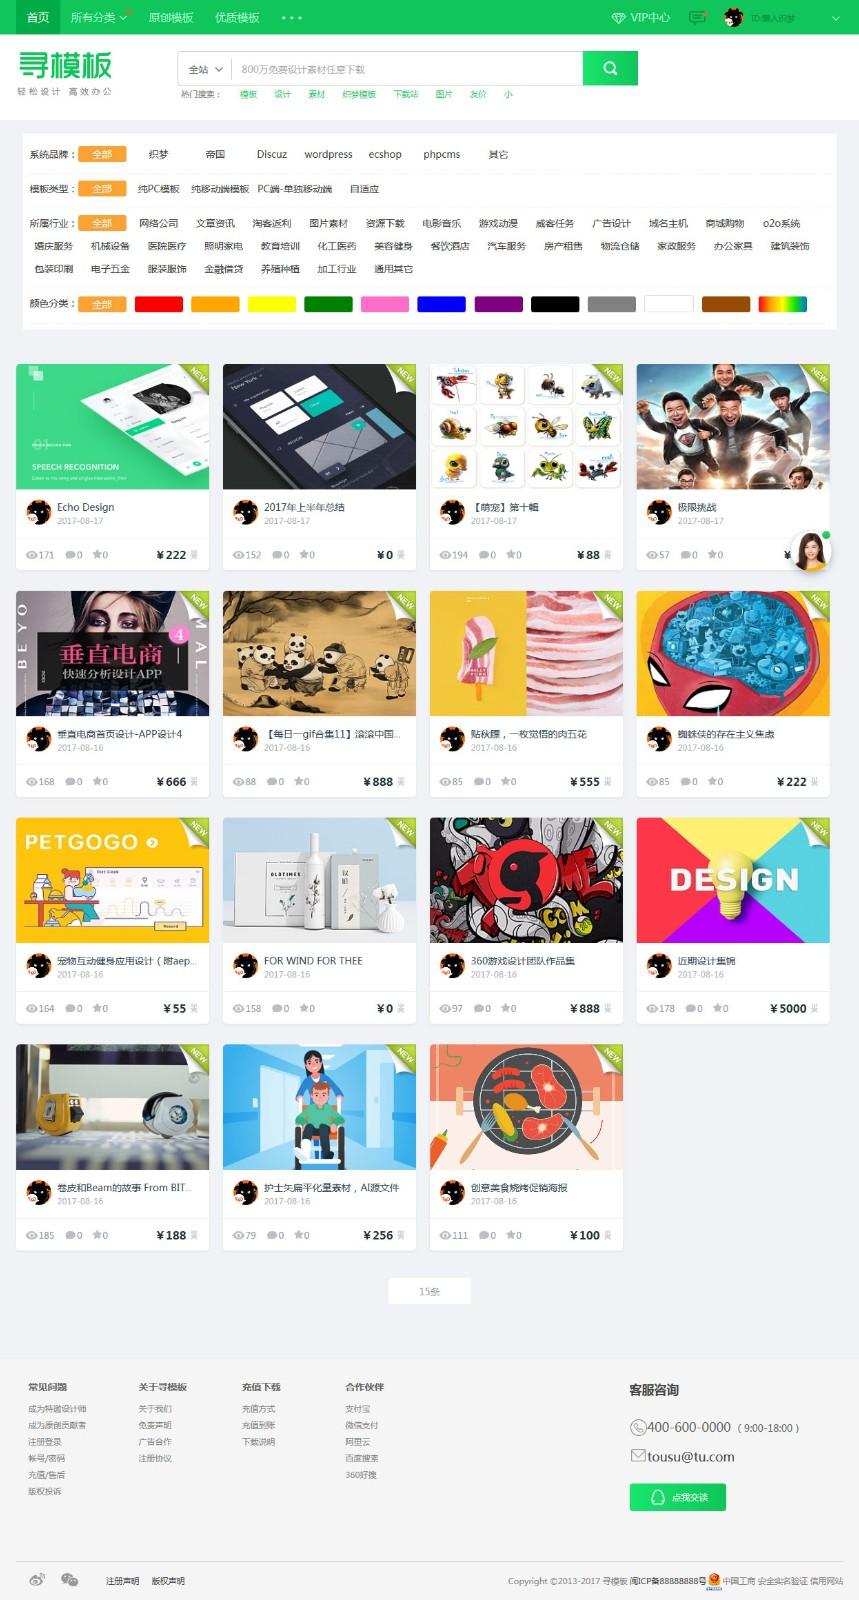 织梦cms开发设计的素材图片资源分享PPT模版下载站网址